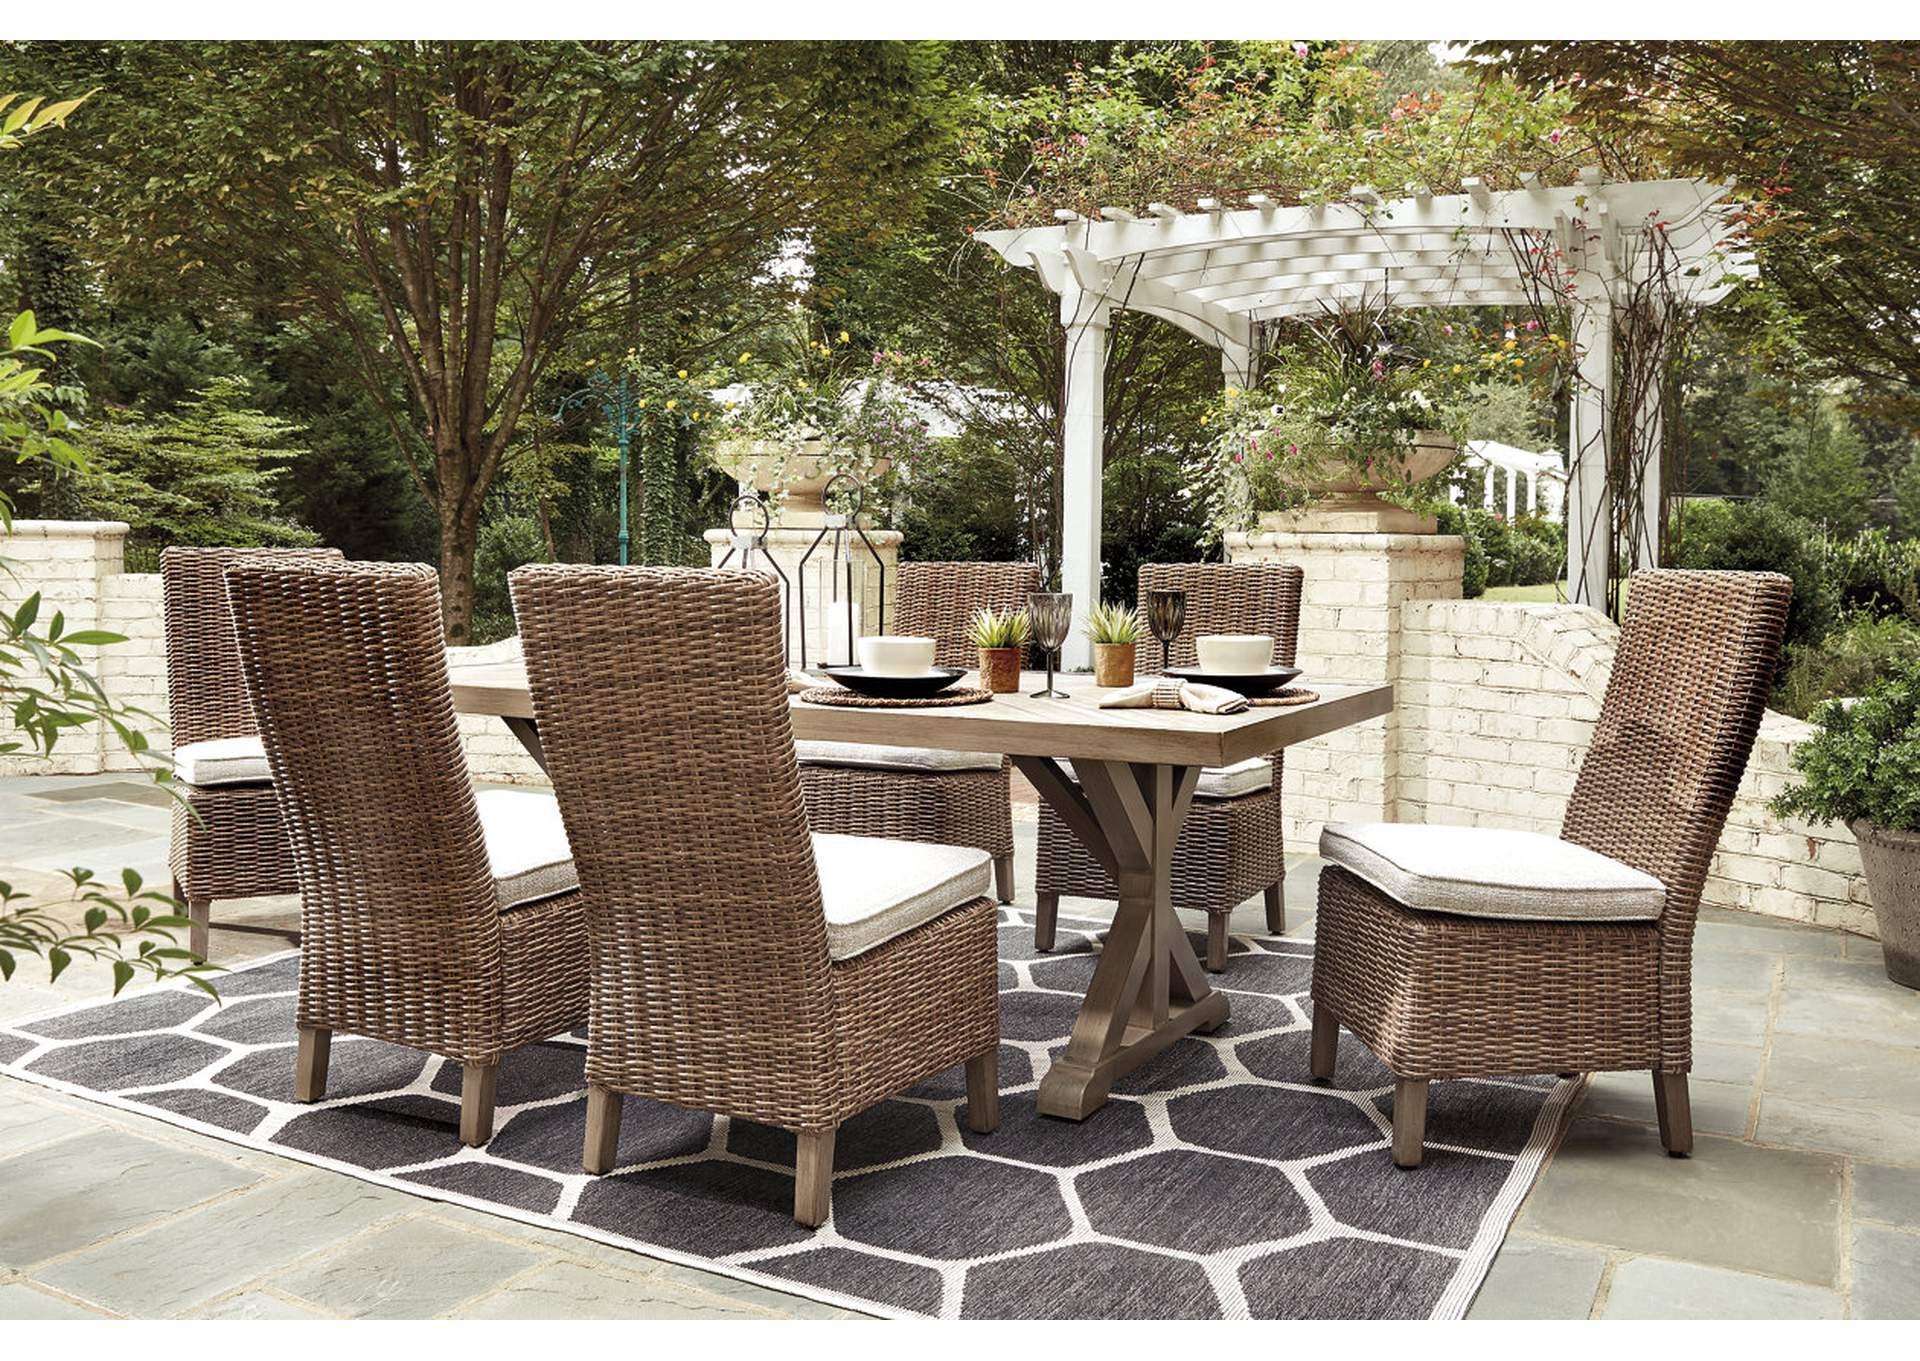 Beachcroft Обеденный стол и 6 стульев без подлокотников